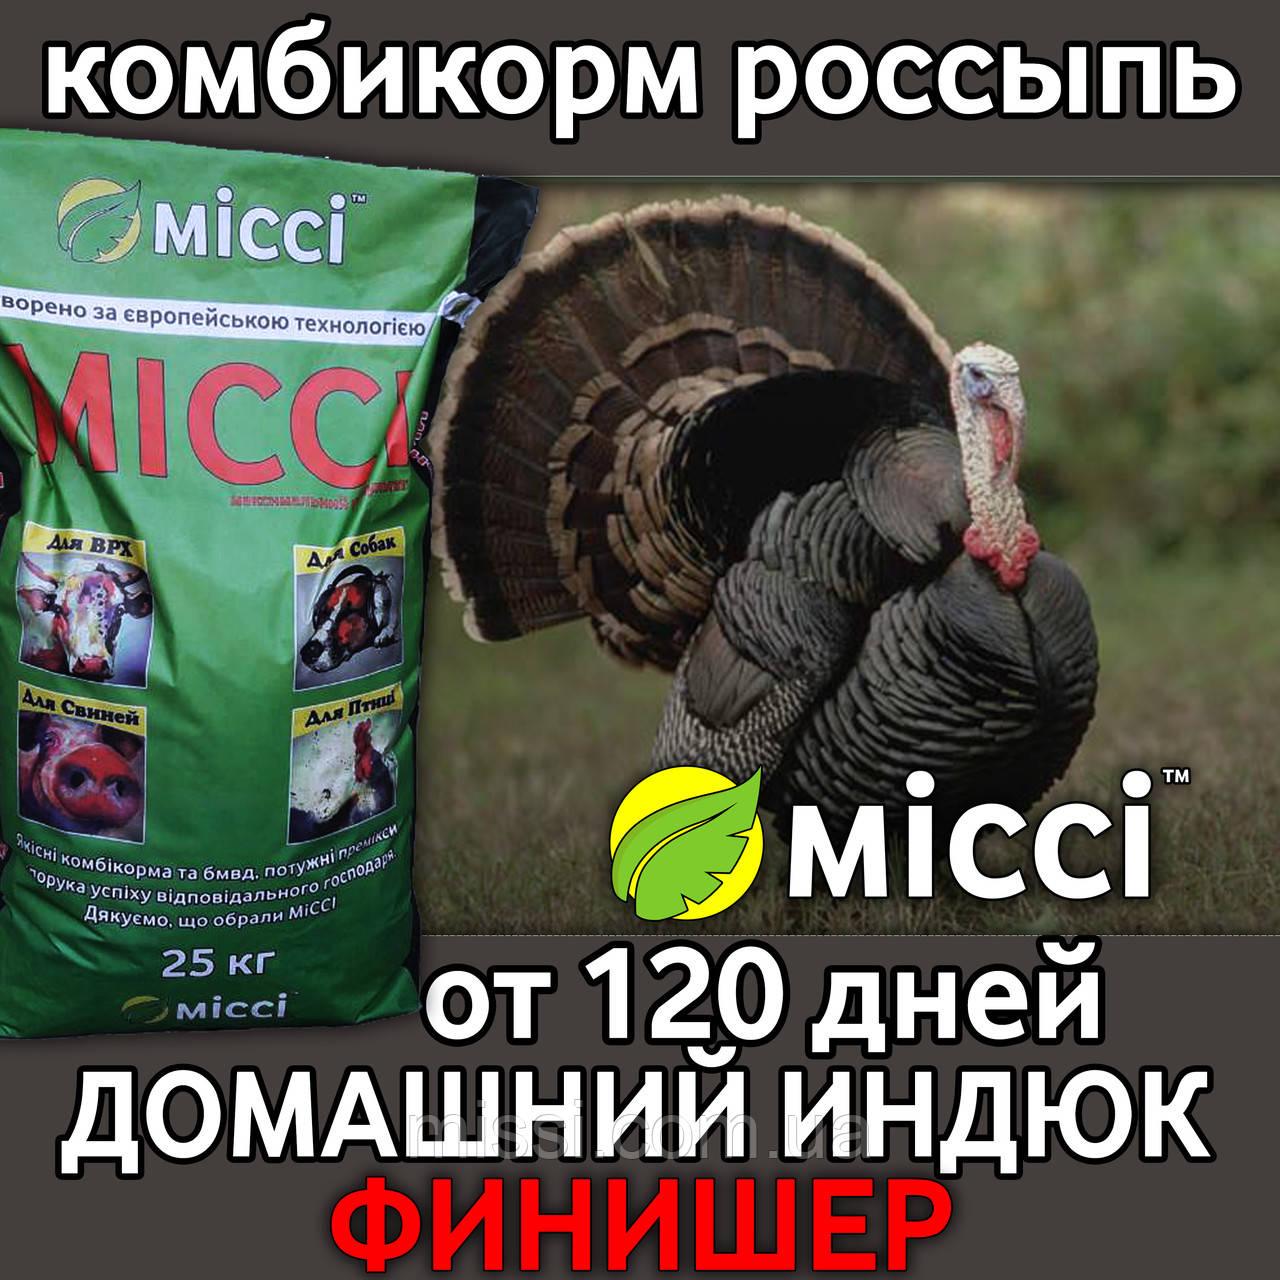 Комбикорм ФИНИШ (от 120 дней) для ДОМАШНИХ ИНДЮКОВ (мешок 25 кг), Міссі